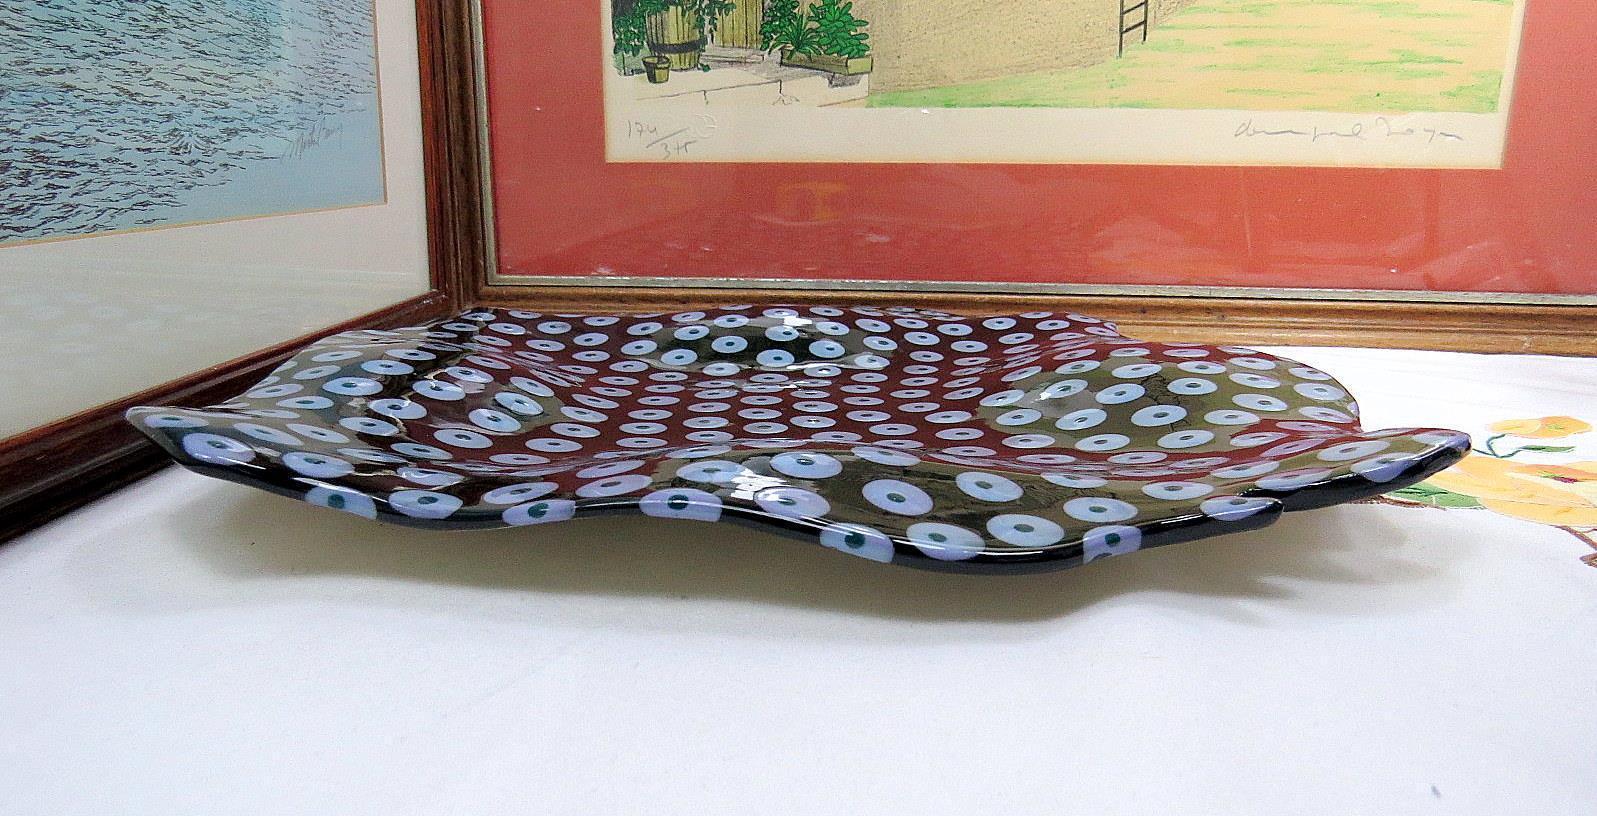 Groß Freie Form Form Form Porzellan Schwarz Blau & Grün Emaille Punkte 13   Wellig Platte   Niedrige Kosten  531a89